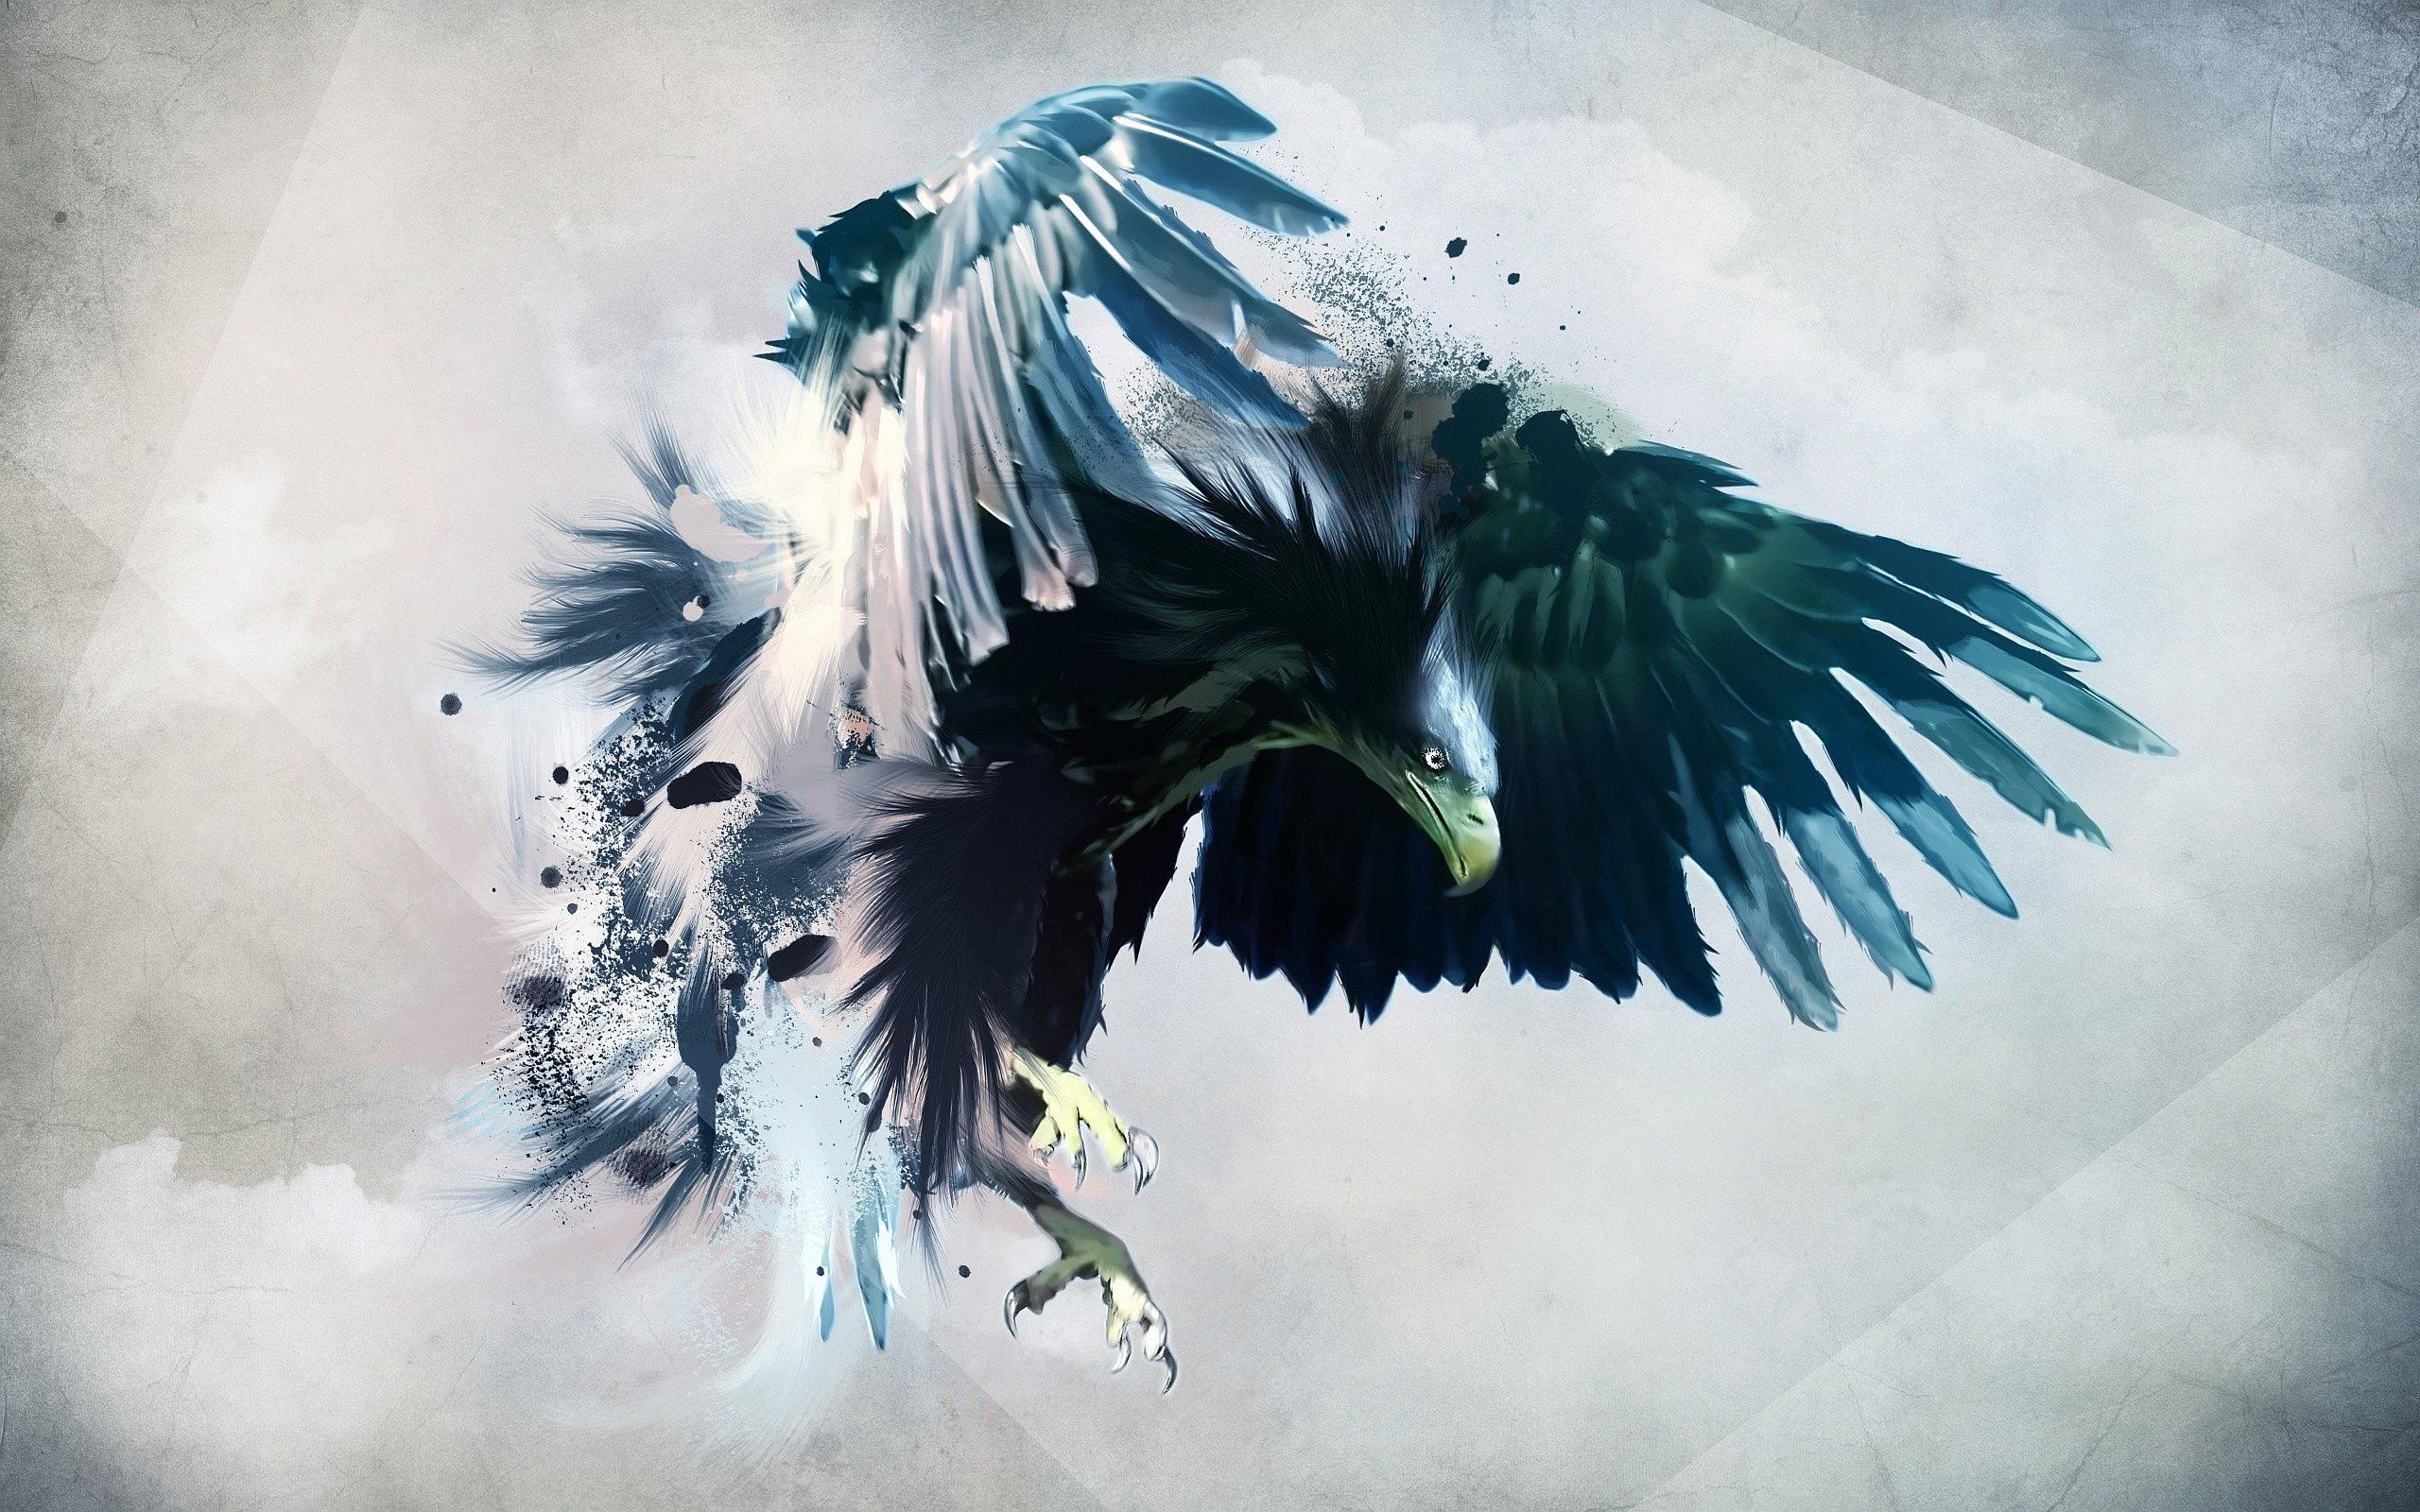 Eagle Art Wallpaper For Android Wallpaper | WallpaperLepi